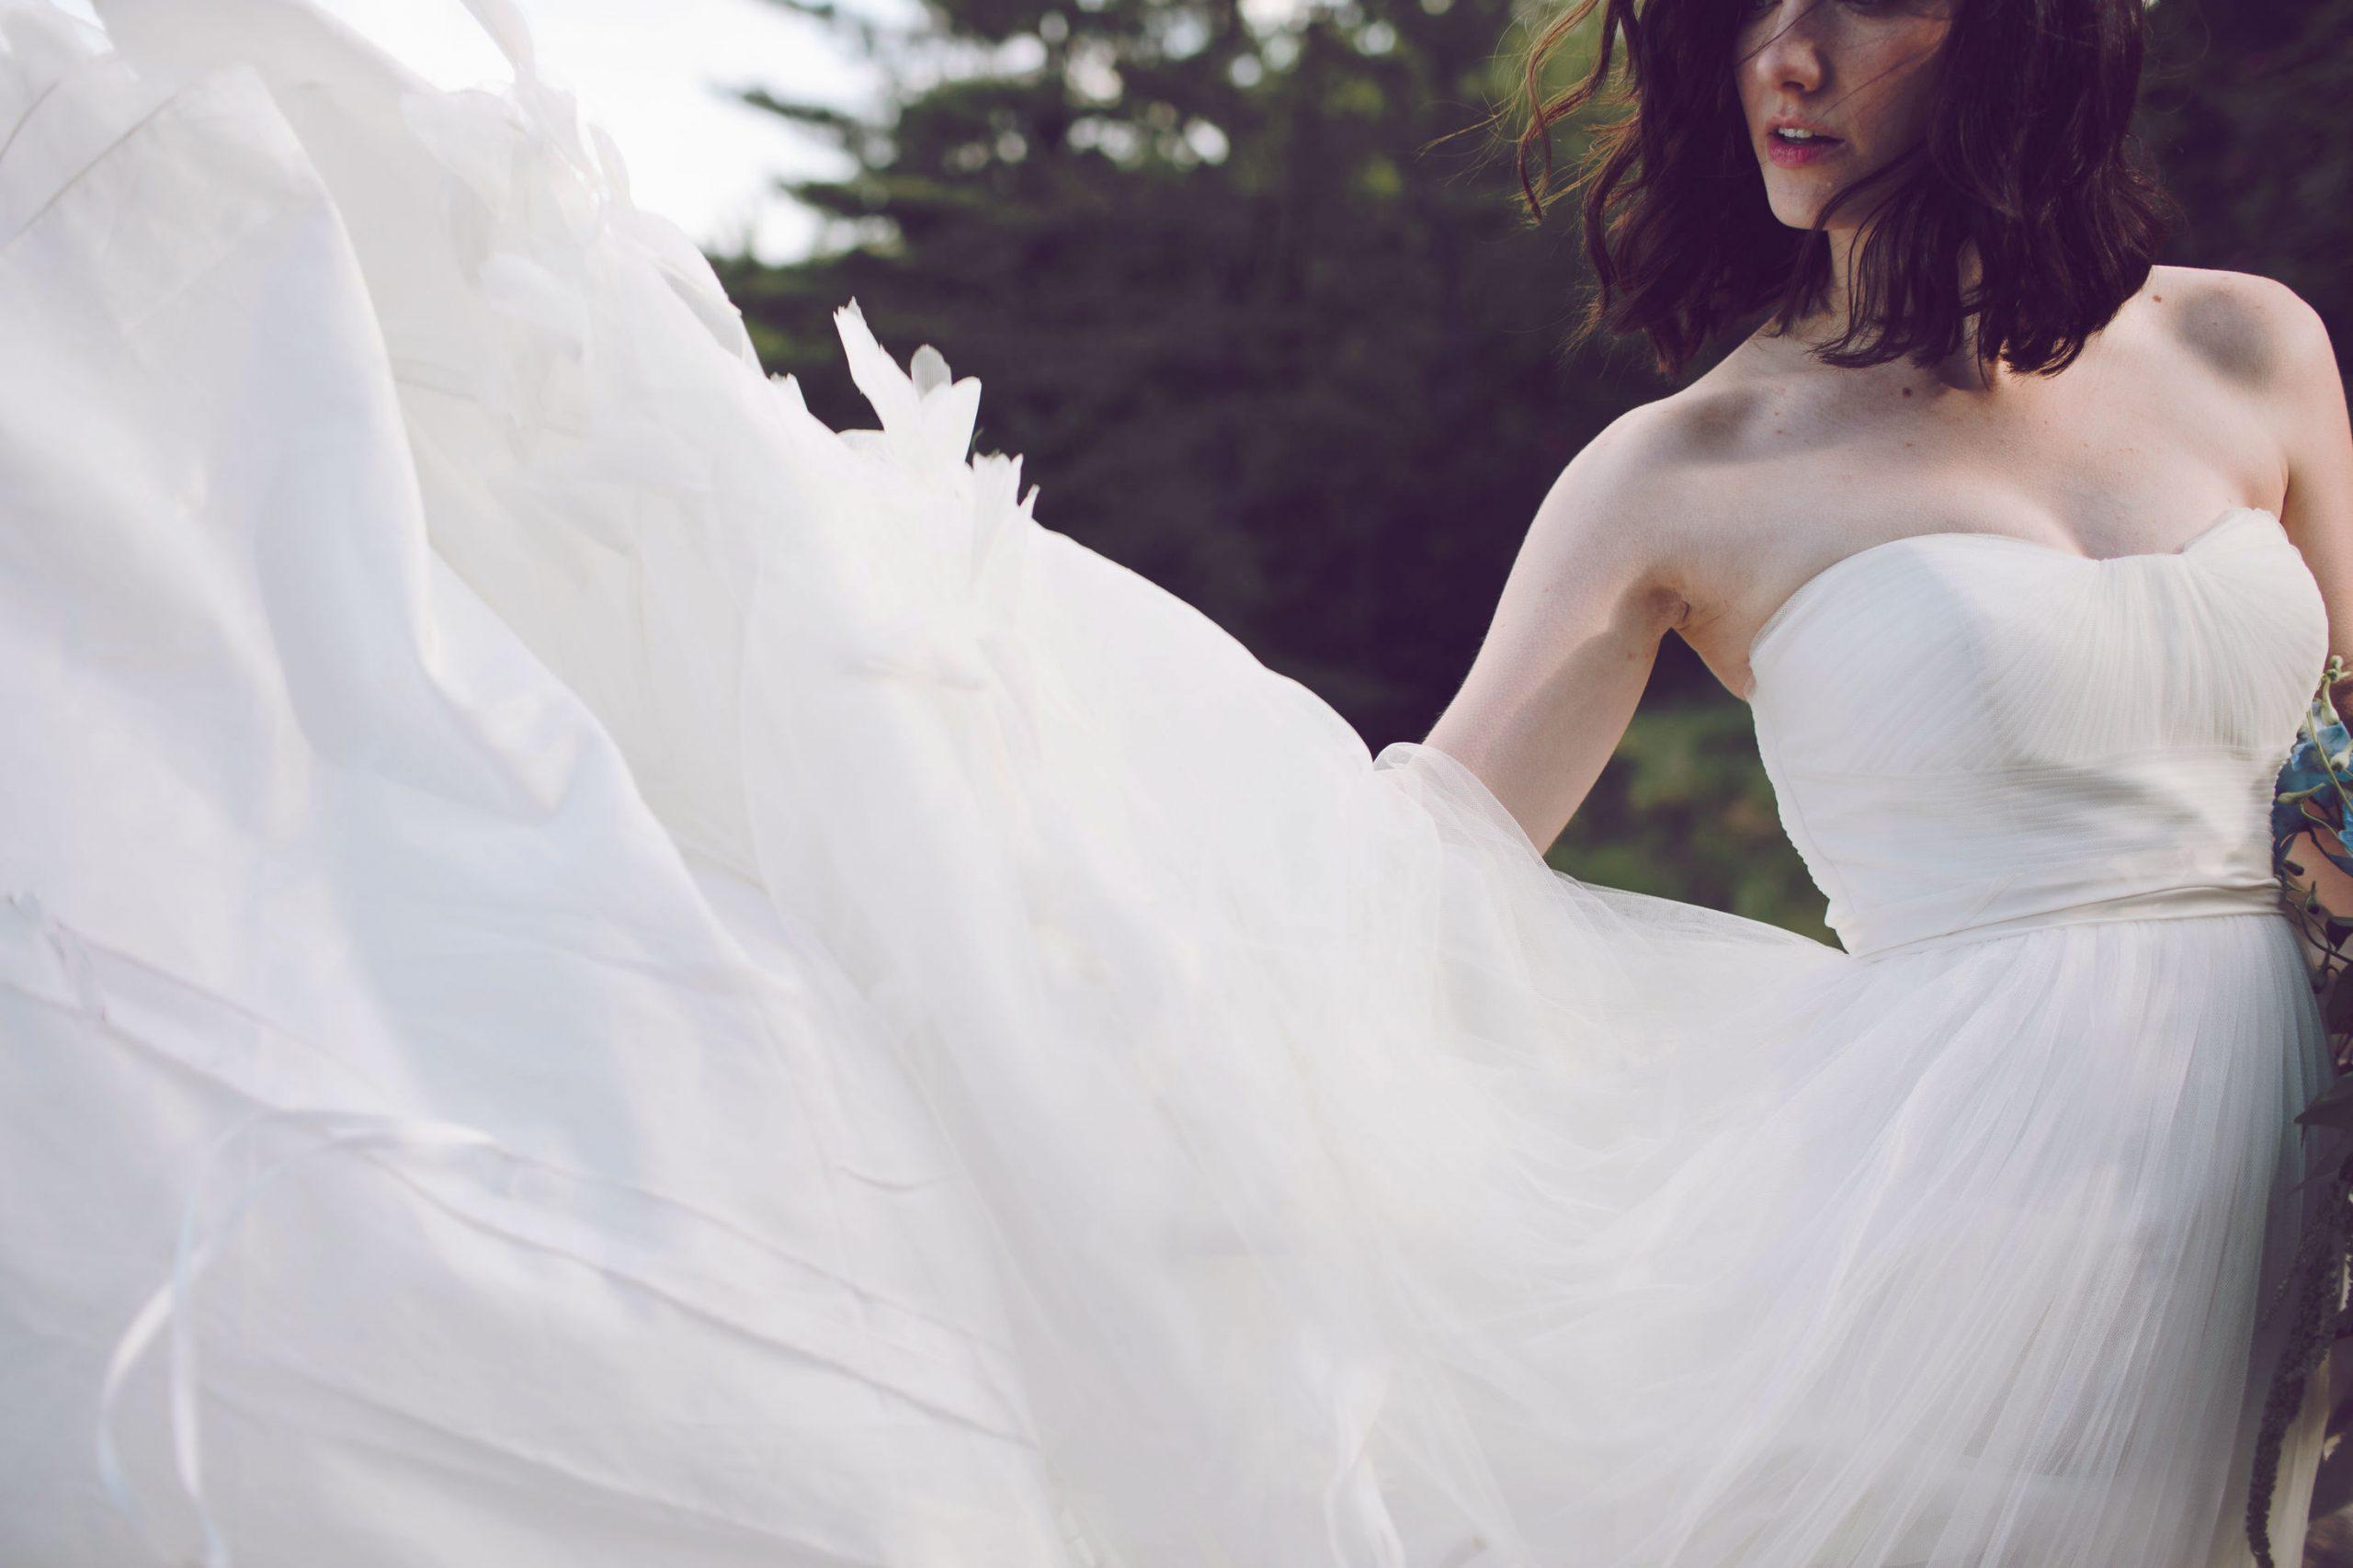 Die 10 Besten Onlineshops Für Brautkleider | Desired.de